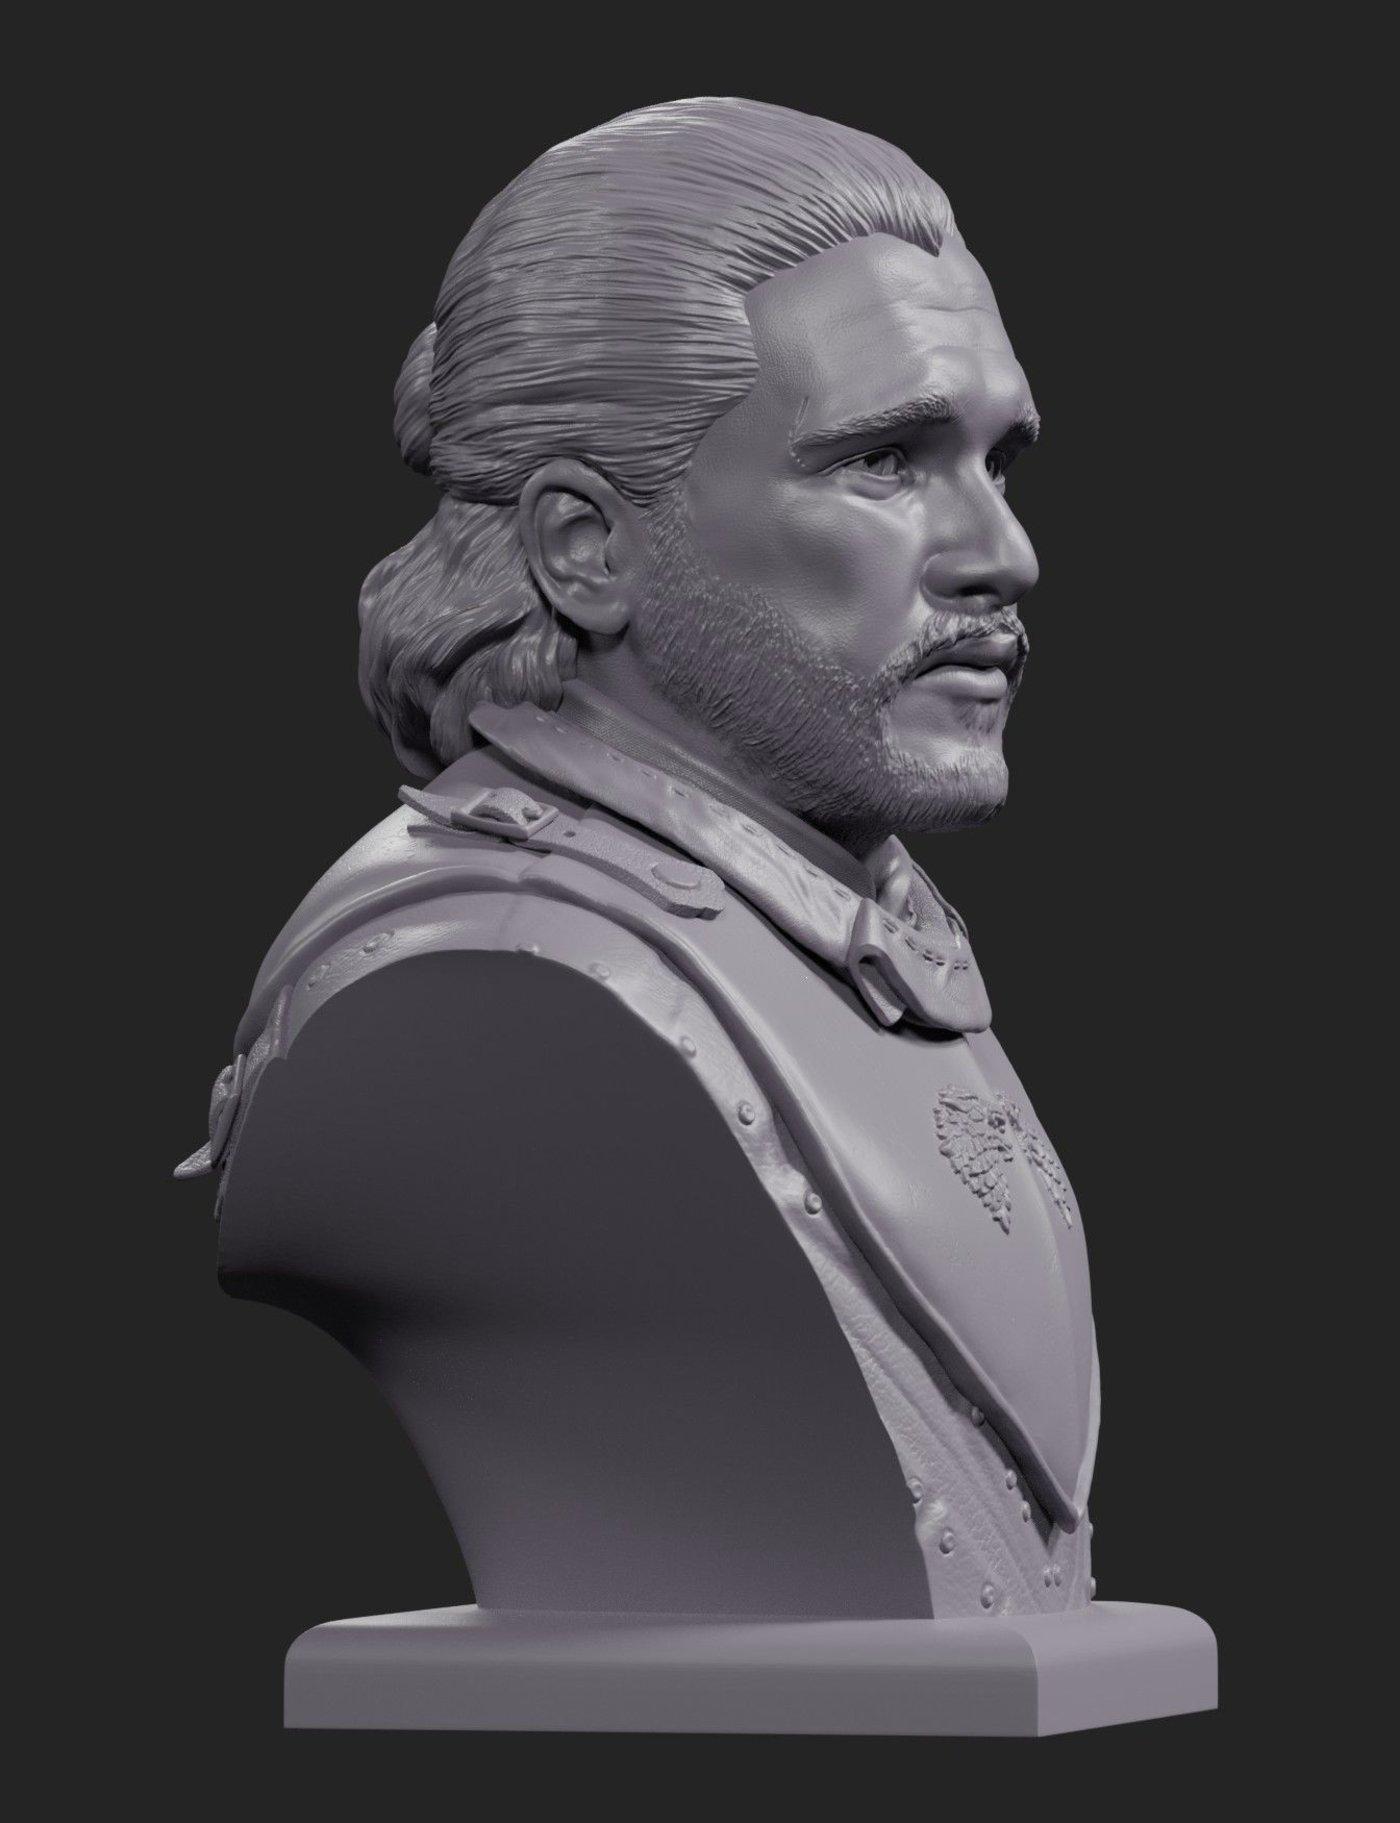 Jon Snow 2